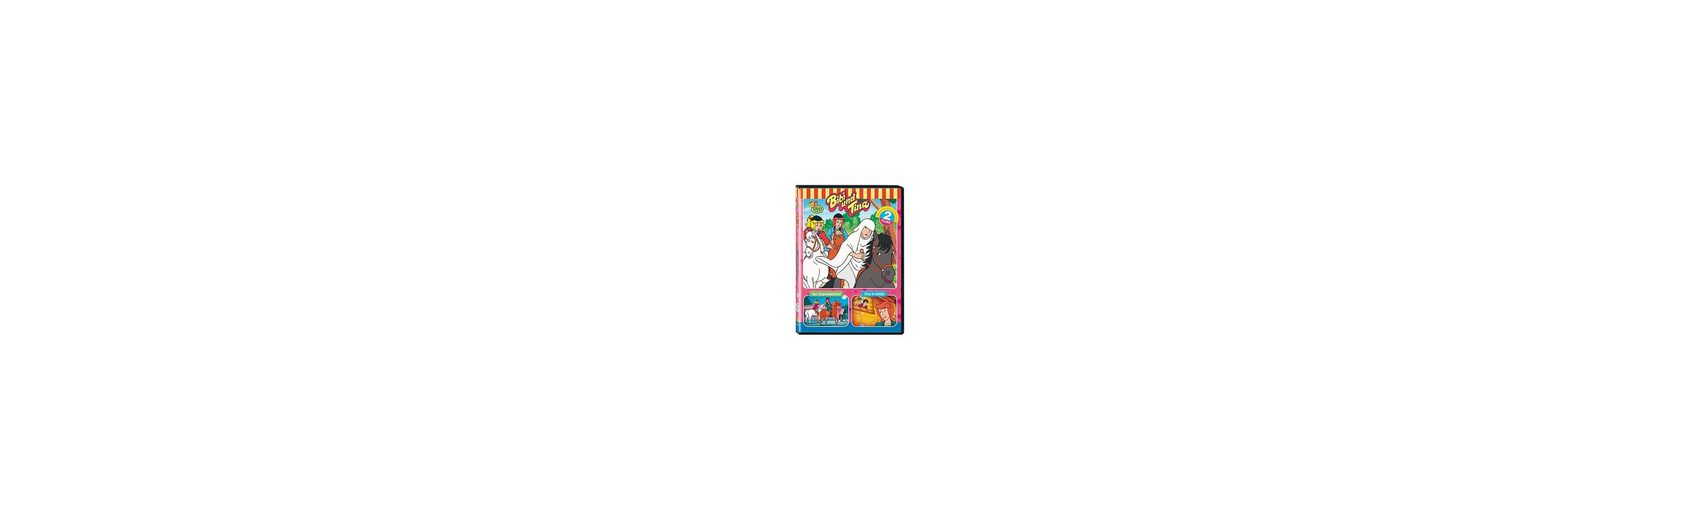 Kiddinx DVD Bibi und Tina 04: Gespensterpferd / Tina in Gefahr